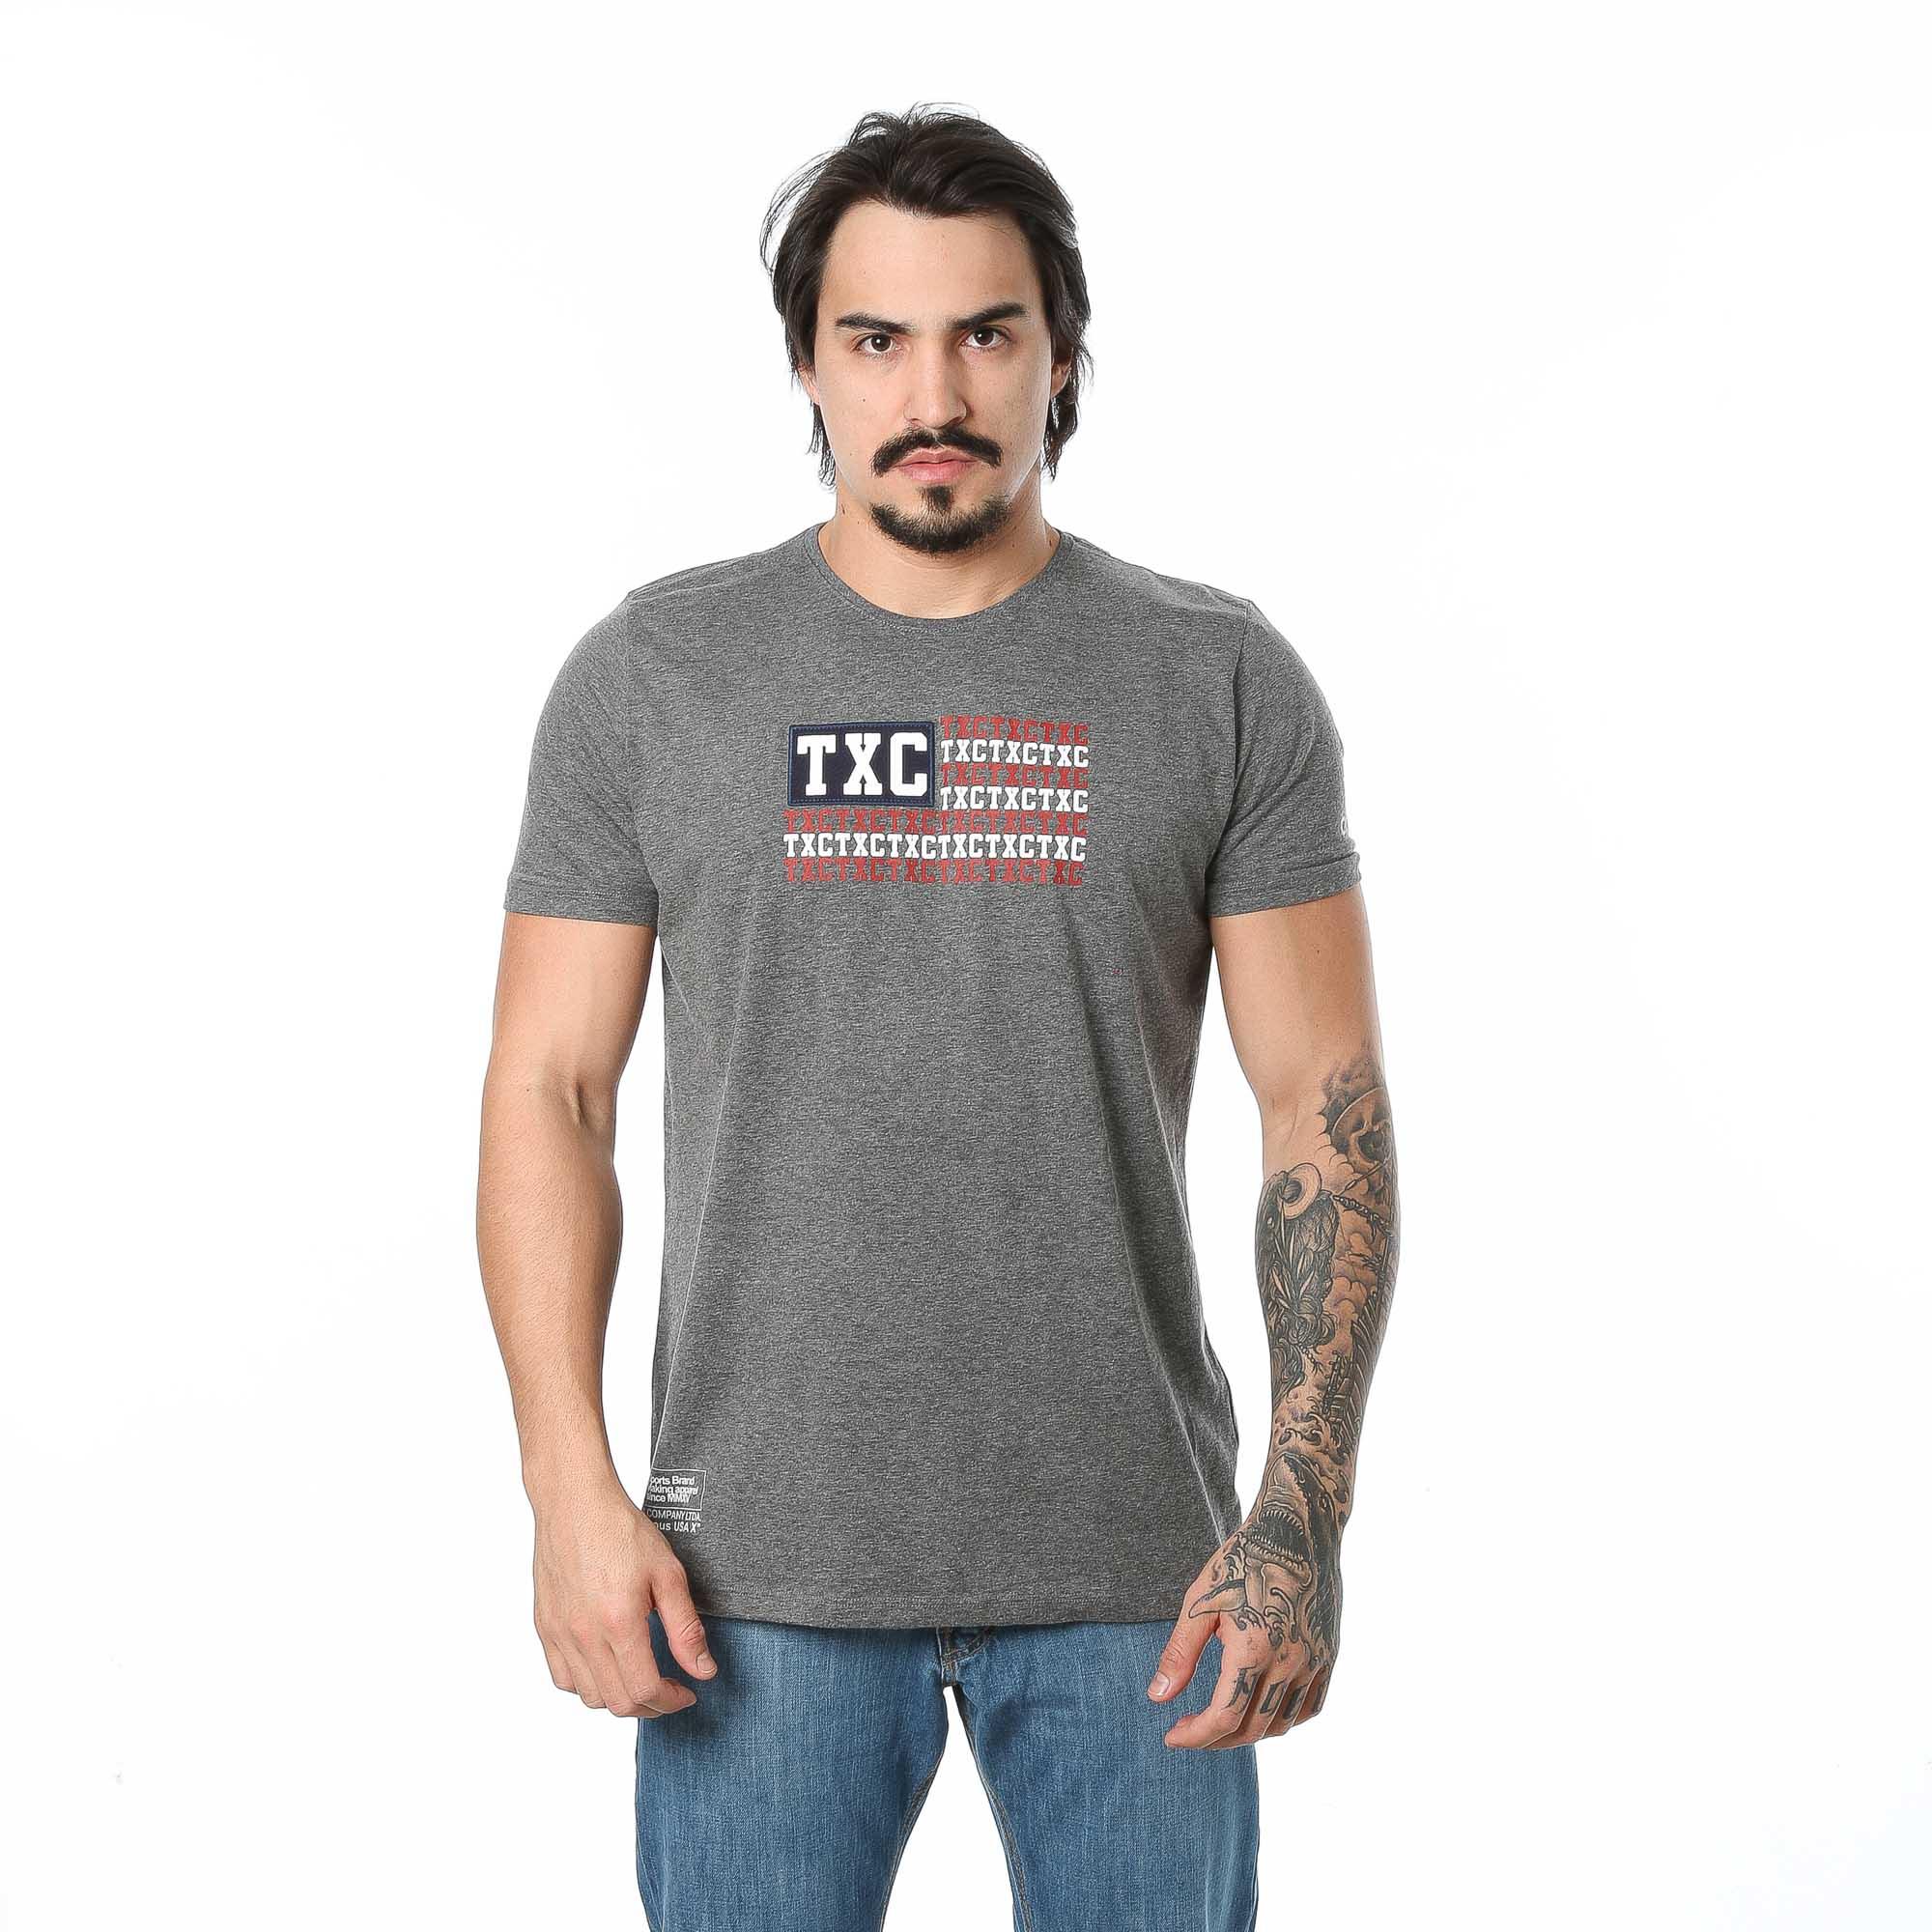 Camiseta TXC Brand 1577